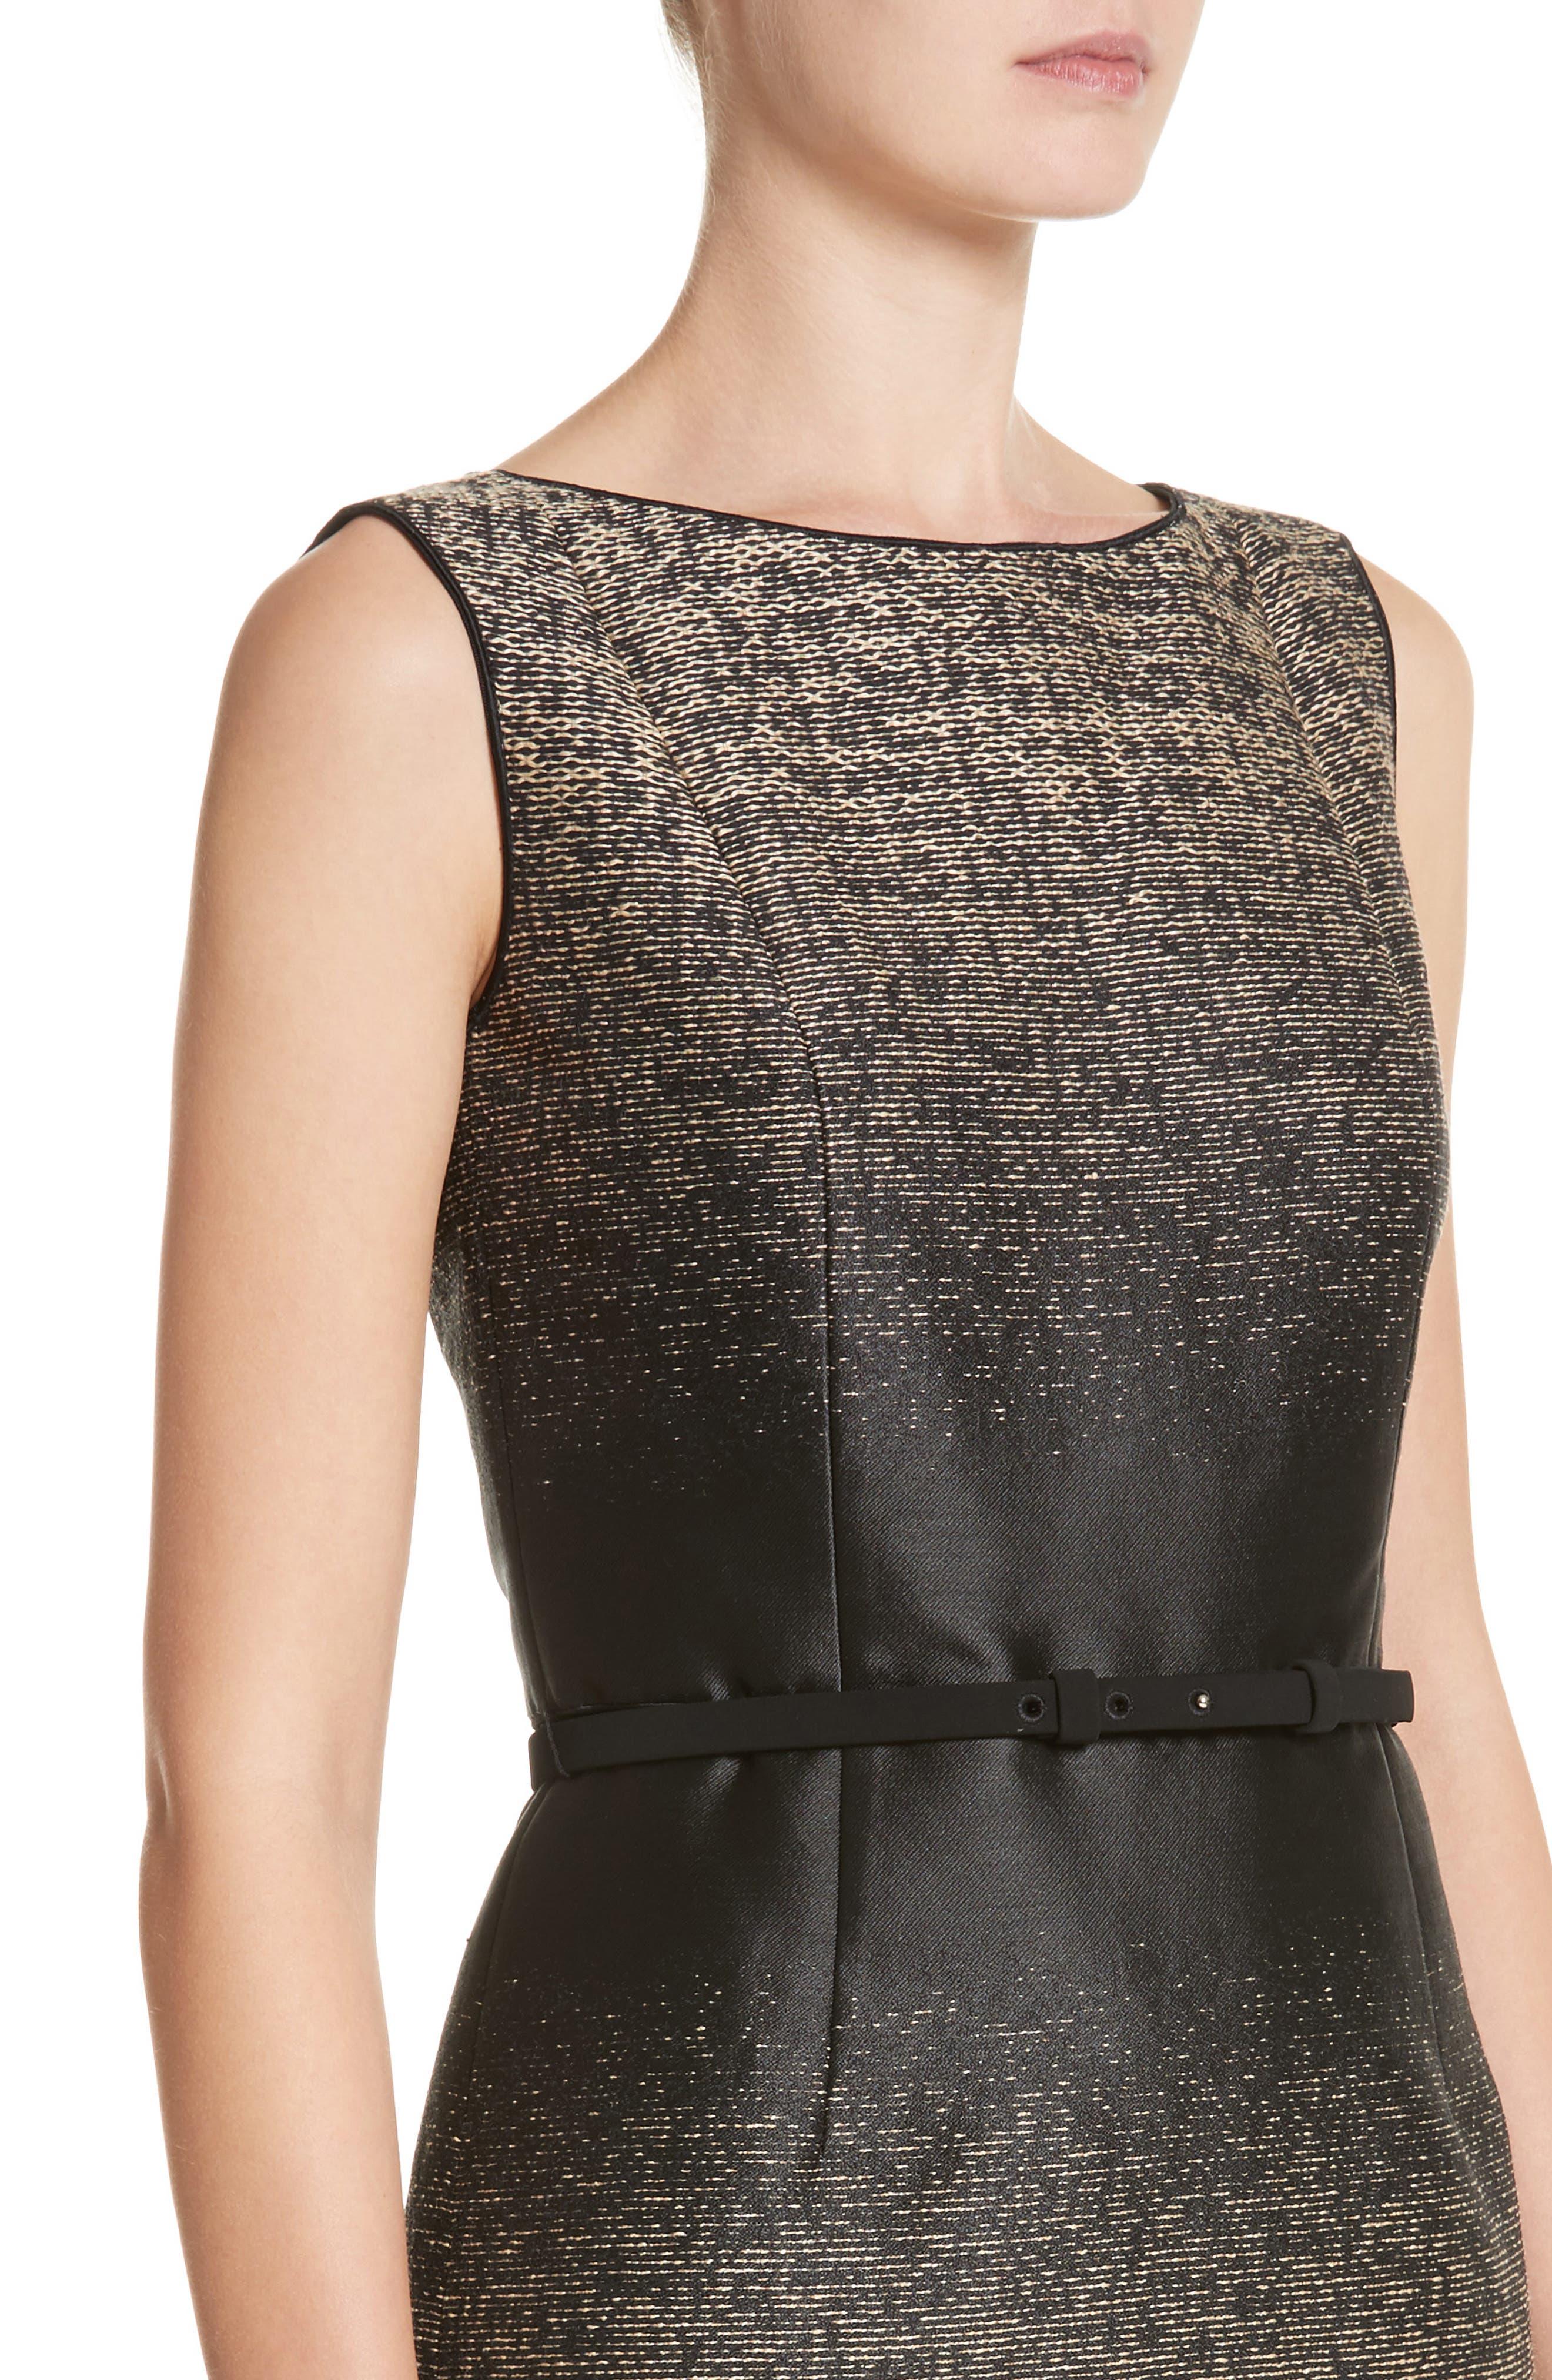 Paulette Jacquard Sheath Dress,                             Alternate thumbnail 4, color,                             Black Multi